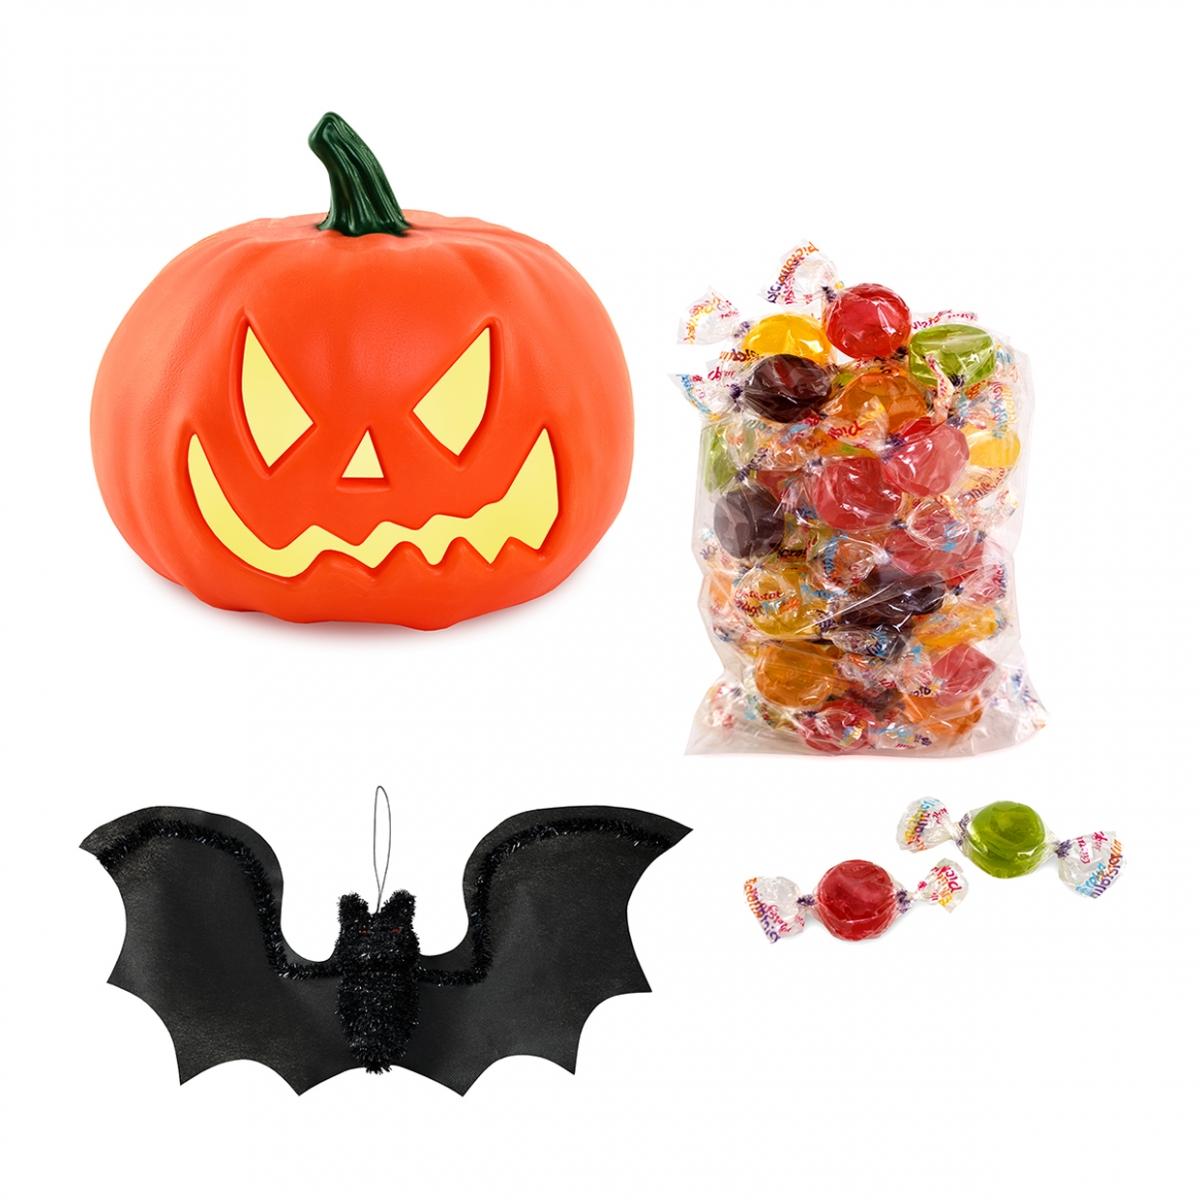 Imagen en la que se ve el concepto genérico de Halloween